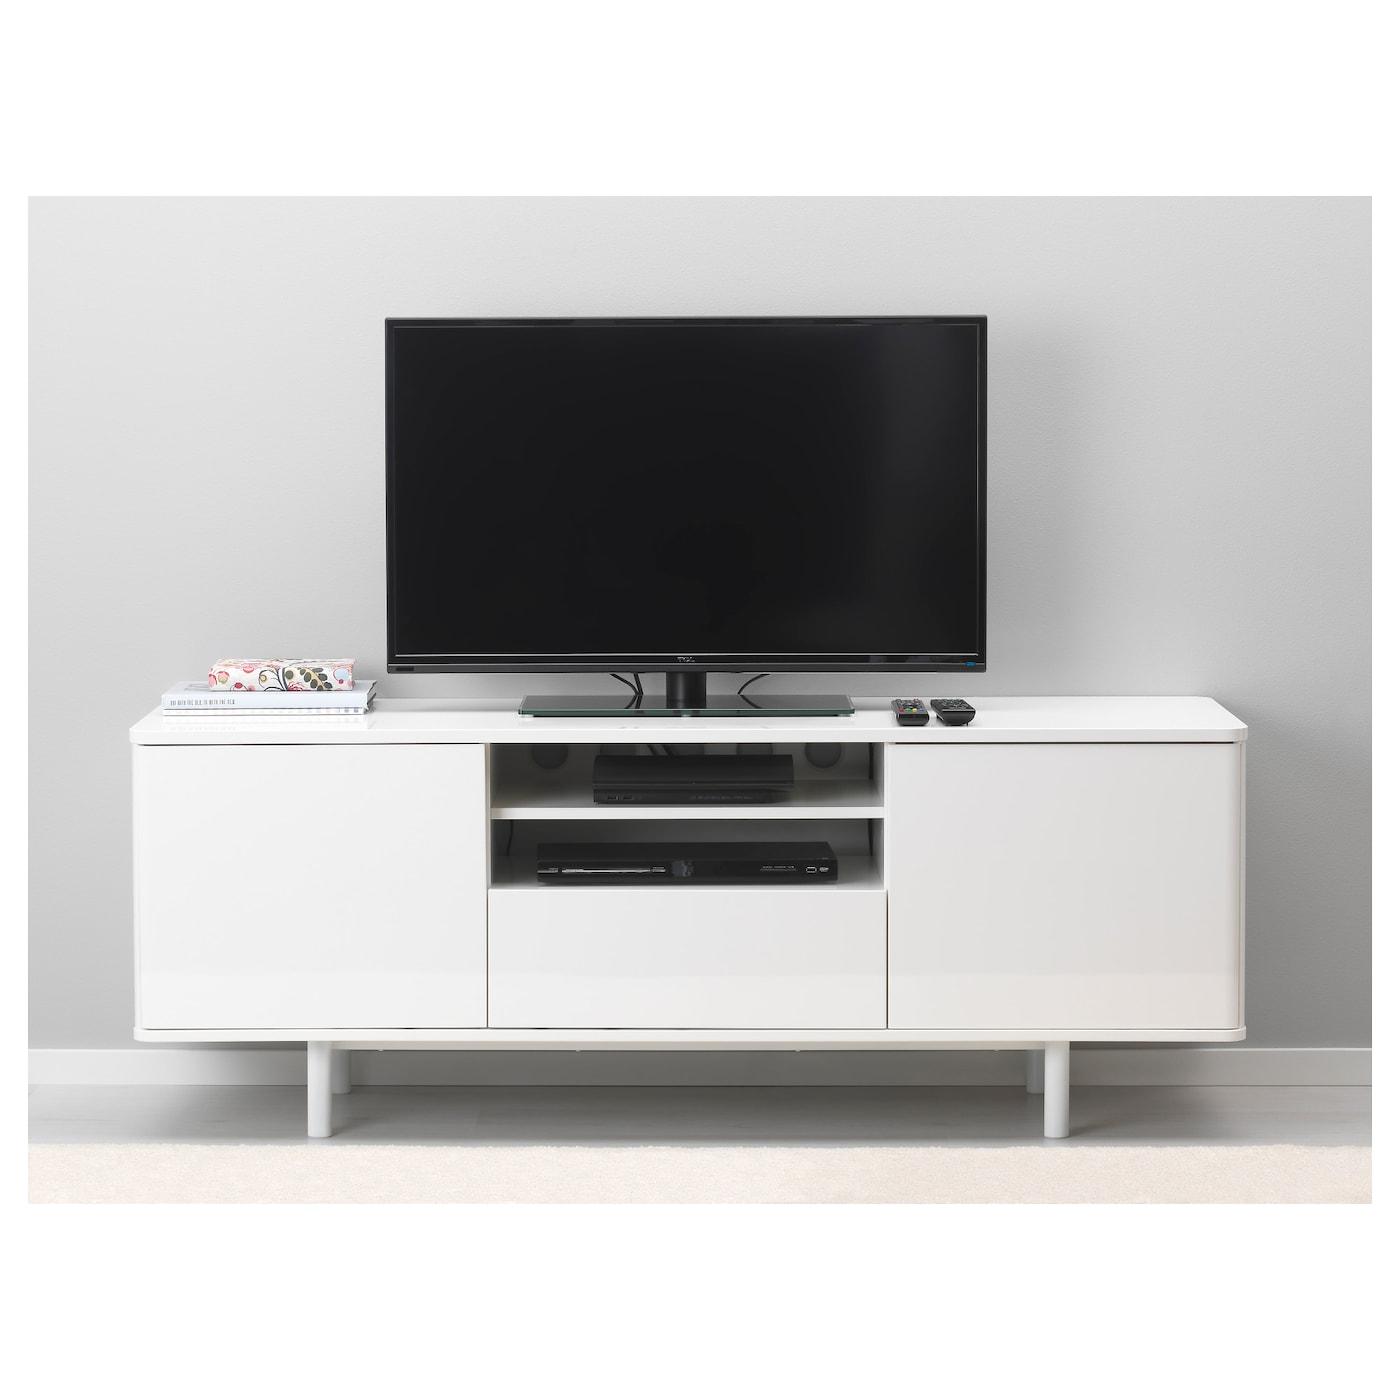 Mostorp mueble tv alto brillo blanco 160 x 47 x 60 cm ikea for Mueble tv ikea